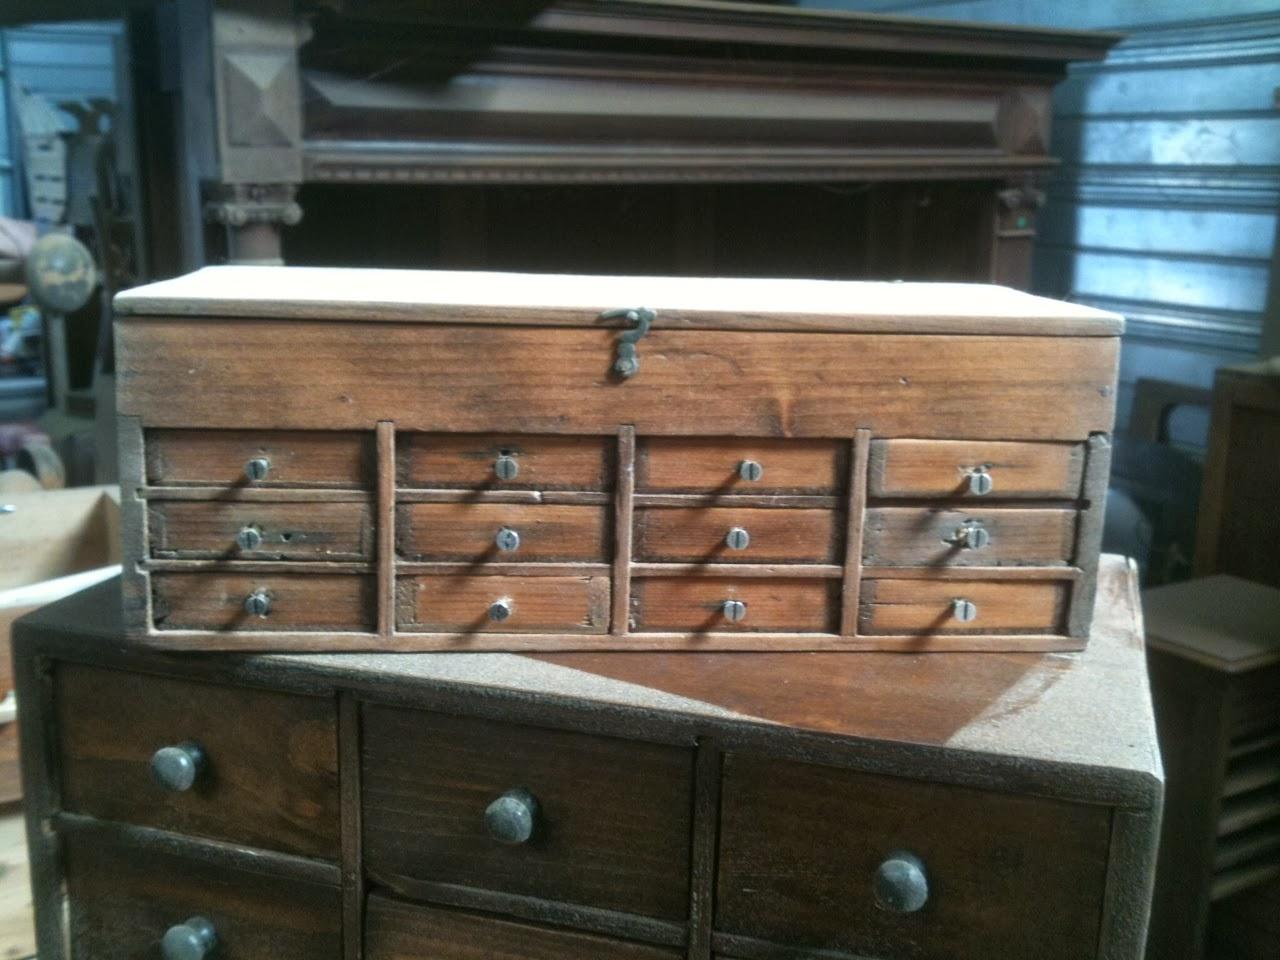 L 39 atelier thibauld watripont meubles de m tier Meuble qui a plusieurs tiroirs